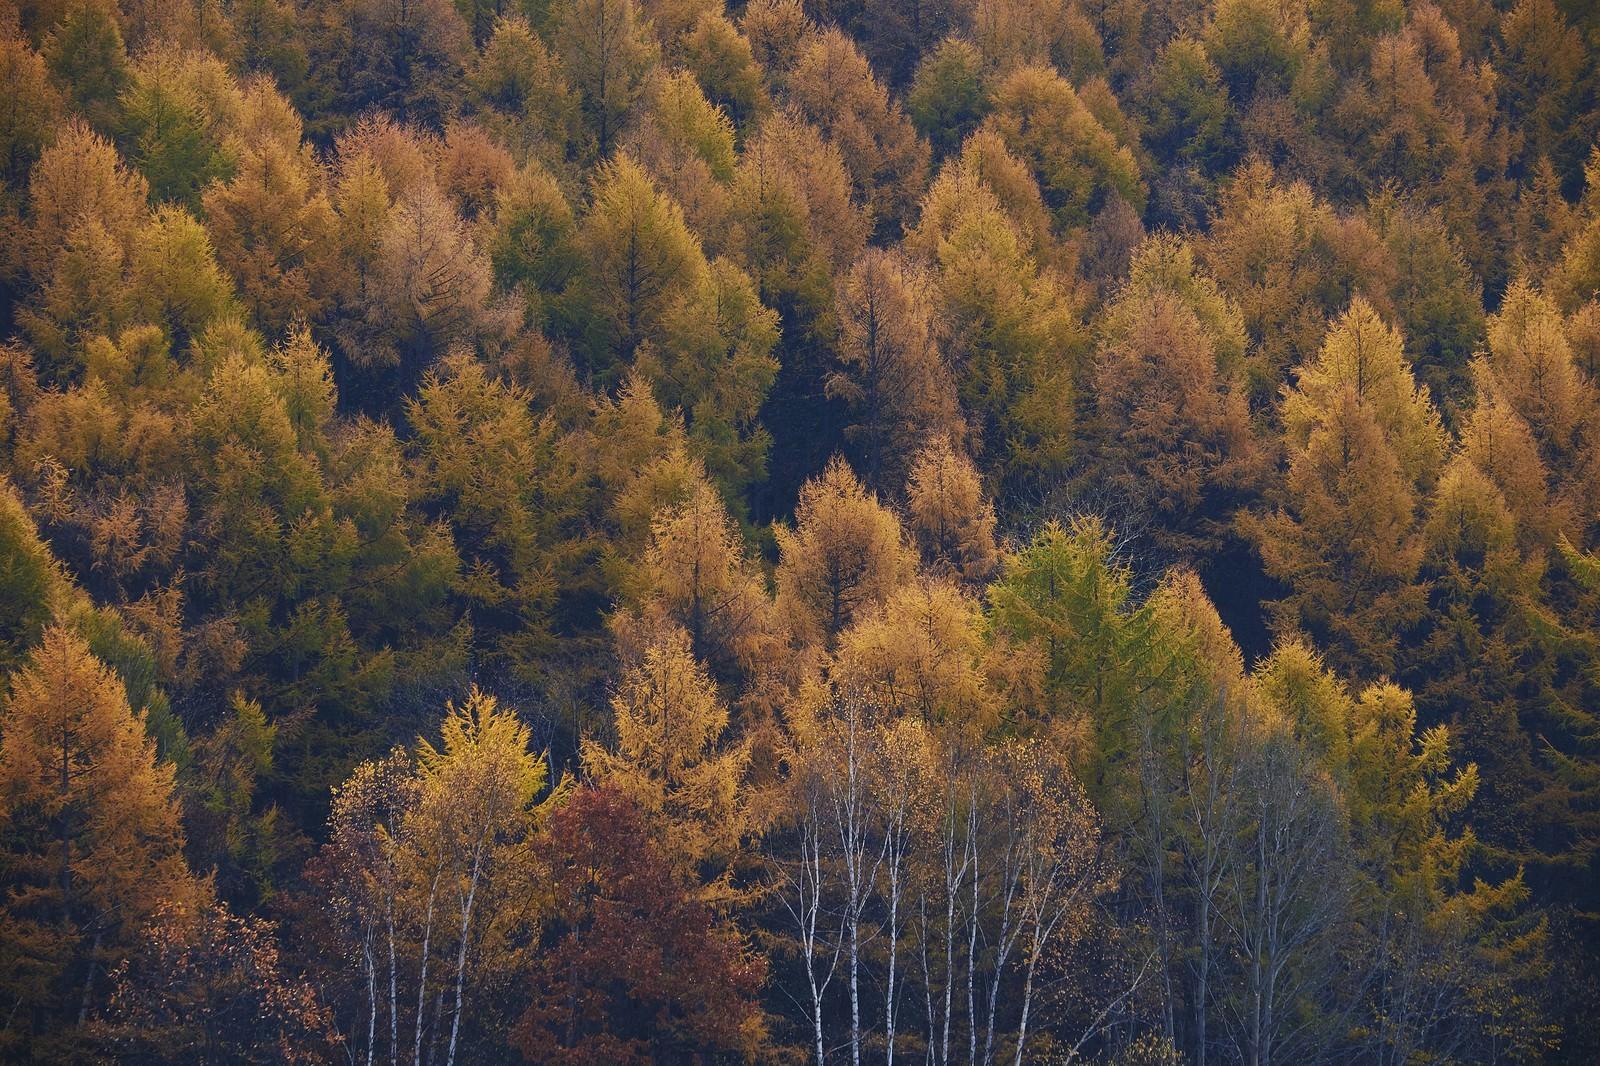 「黄葉する針葉樹」の写真